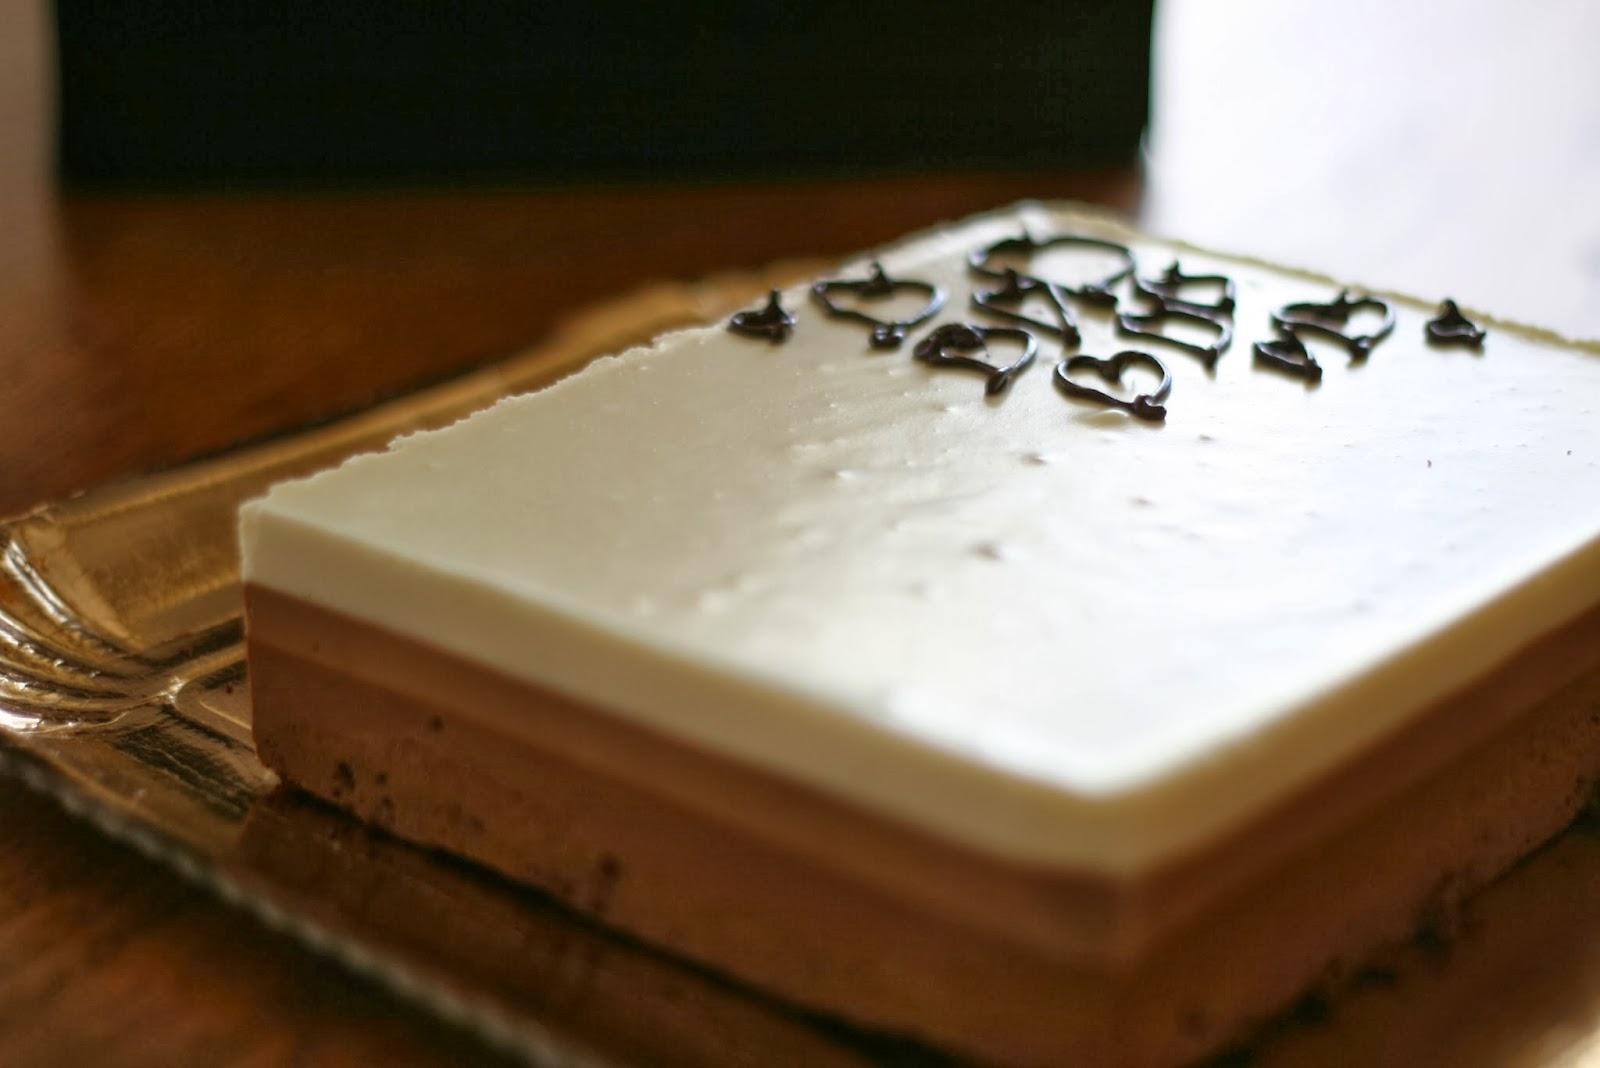 torta ai tre cioccolati di ernst knam